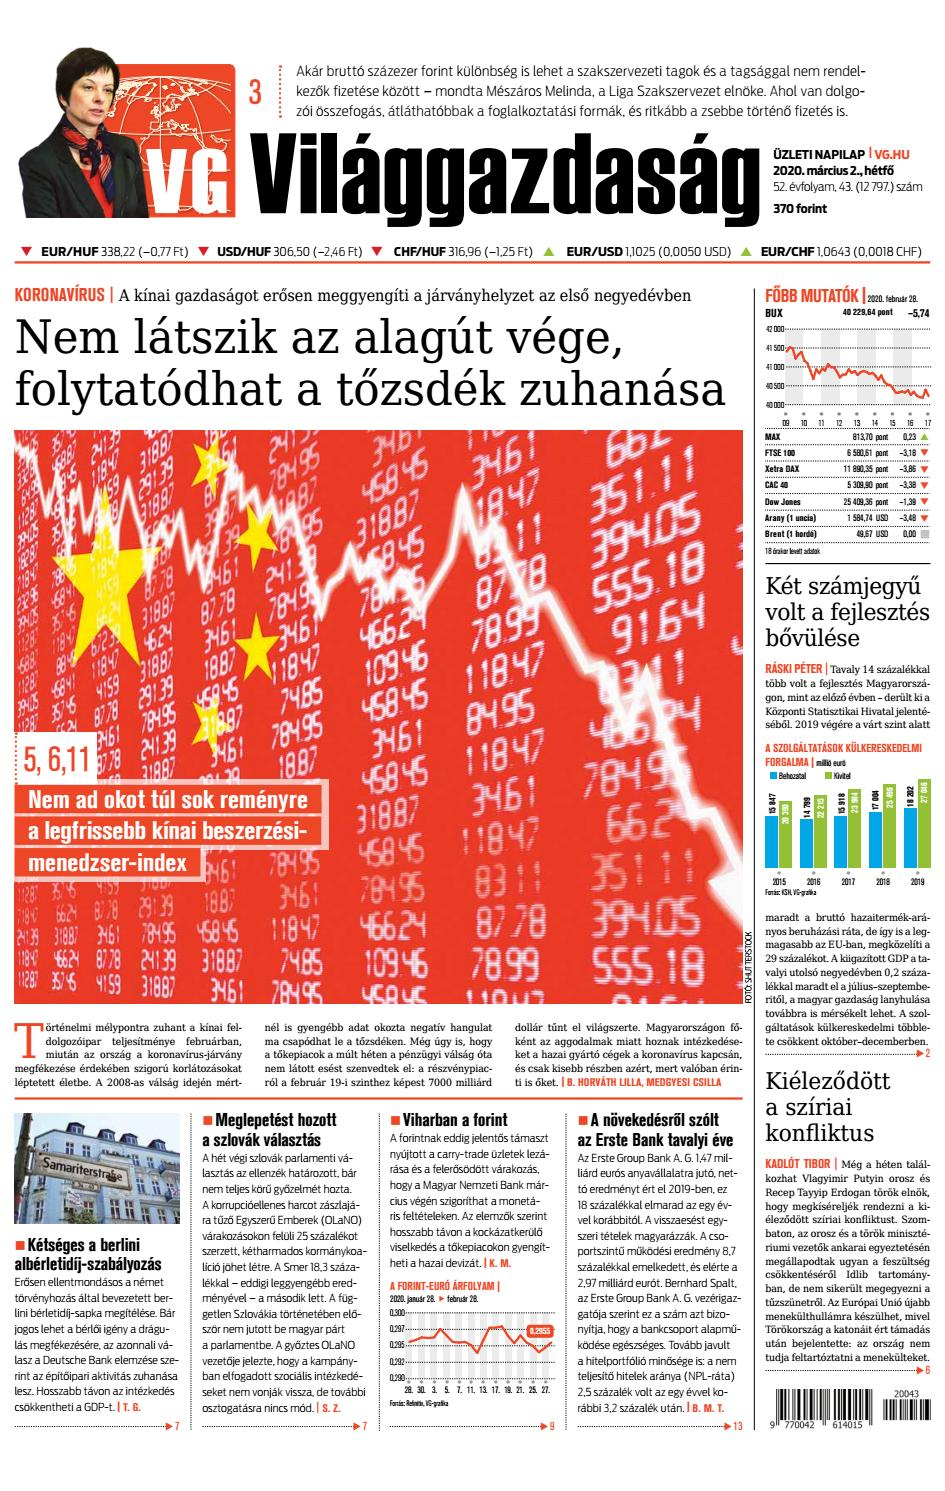 (PDF) Ördögh Tibor_Vajdaság politikatörtéabisa.hu   Tibor Ördögh - abisa.hu